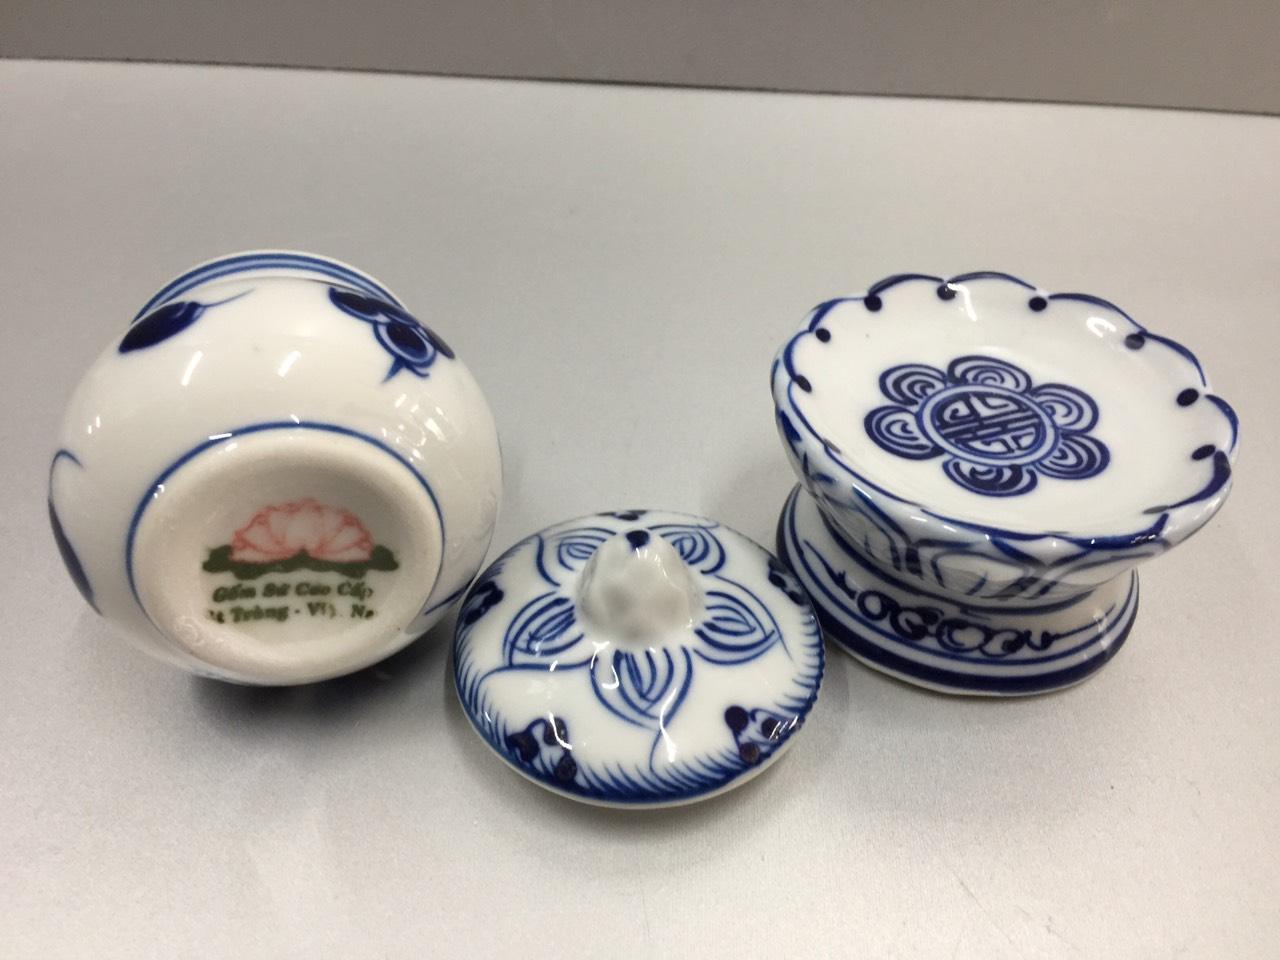 Ly nước cúng Phật hoặc làm bát cúng gạo, muối, nước bộ cúng 3 dành cho các ban thần tài, bàn thờ treo, và bàn thờ gia tiên